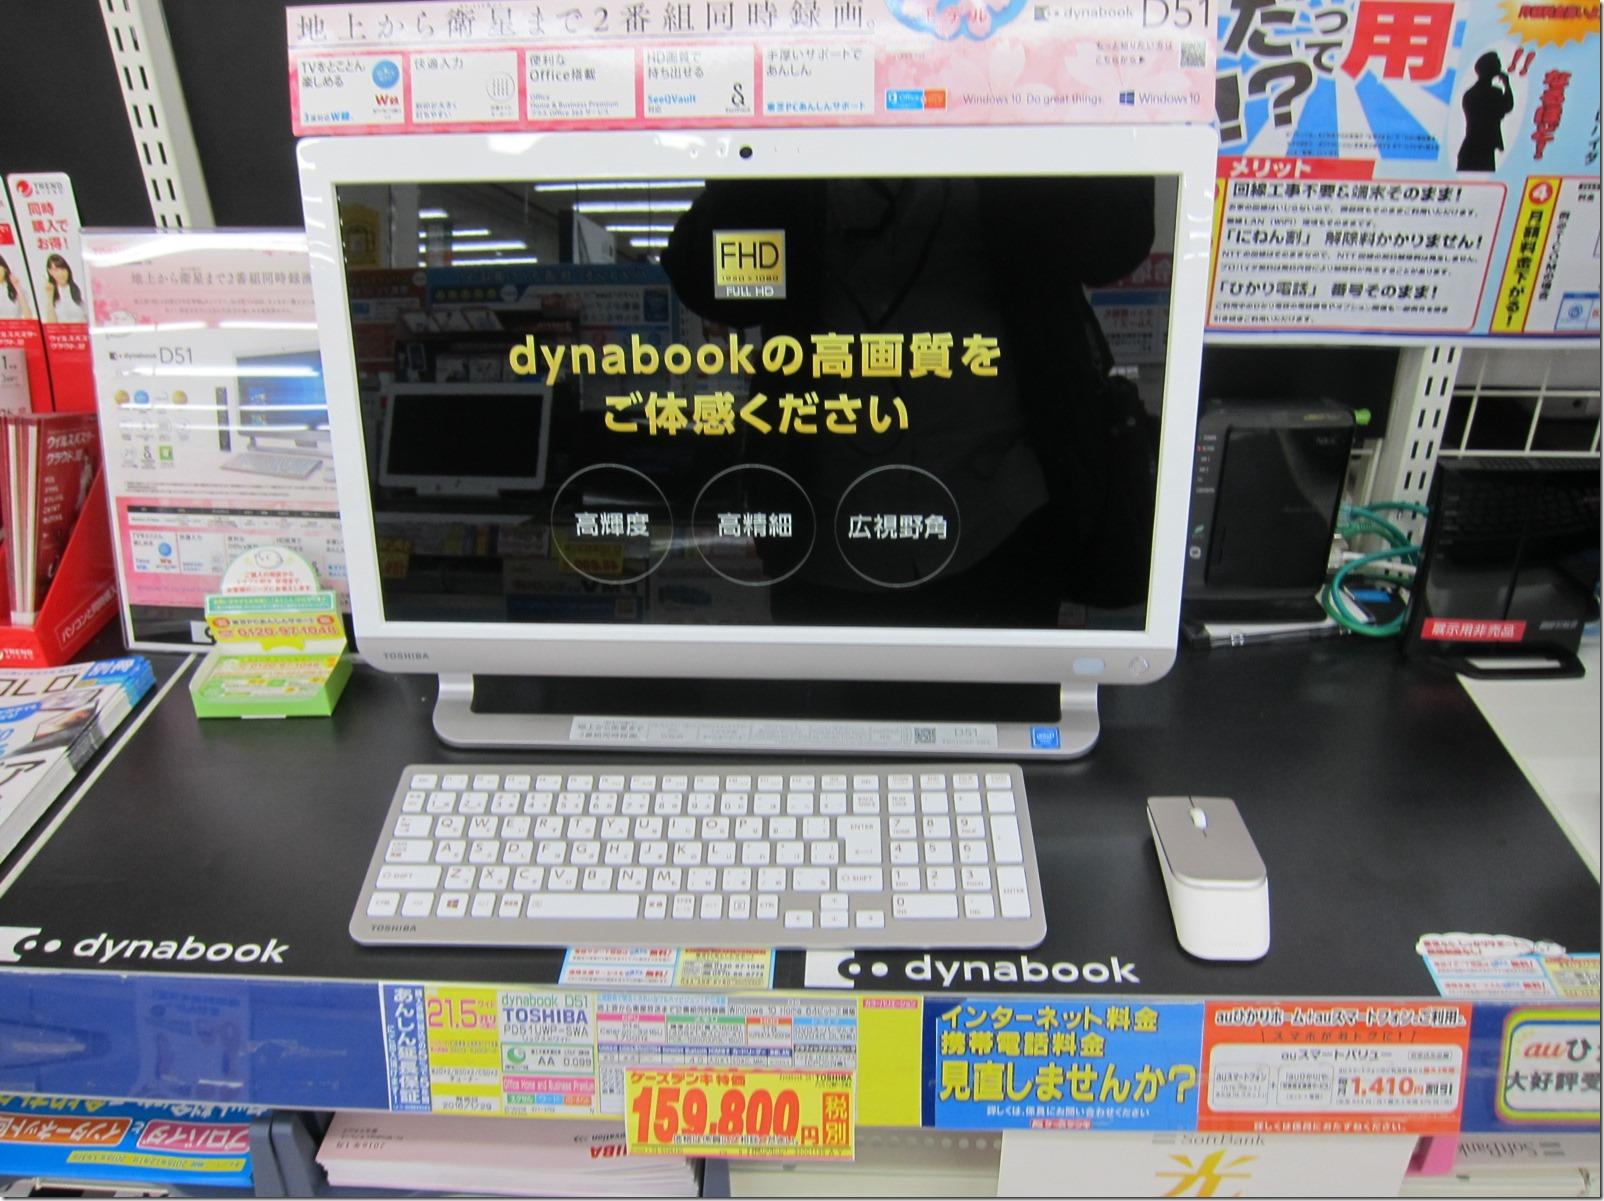 2016年のおすすめデスクトップパソコンの画像